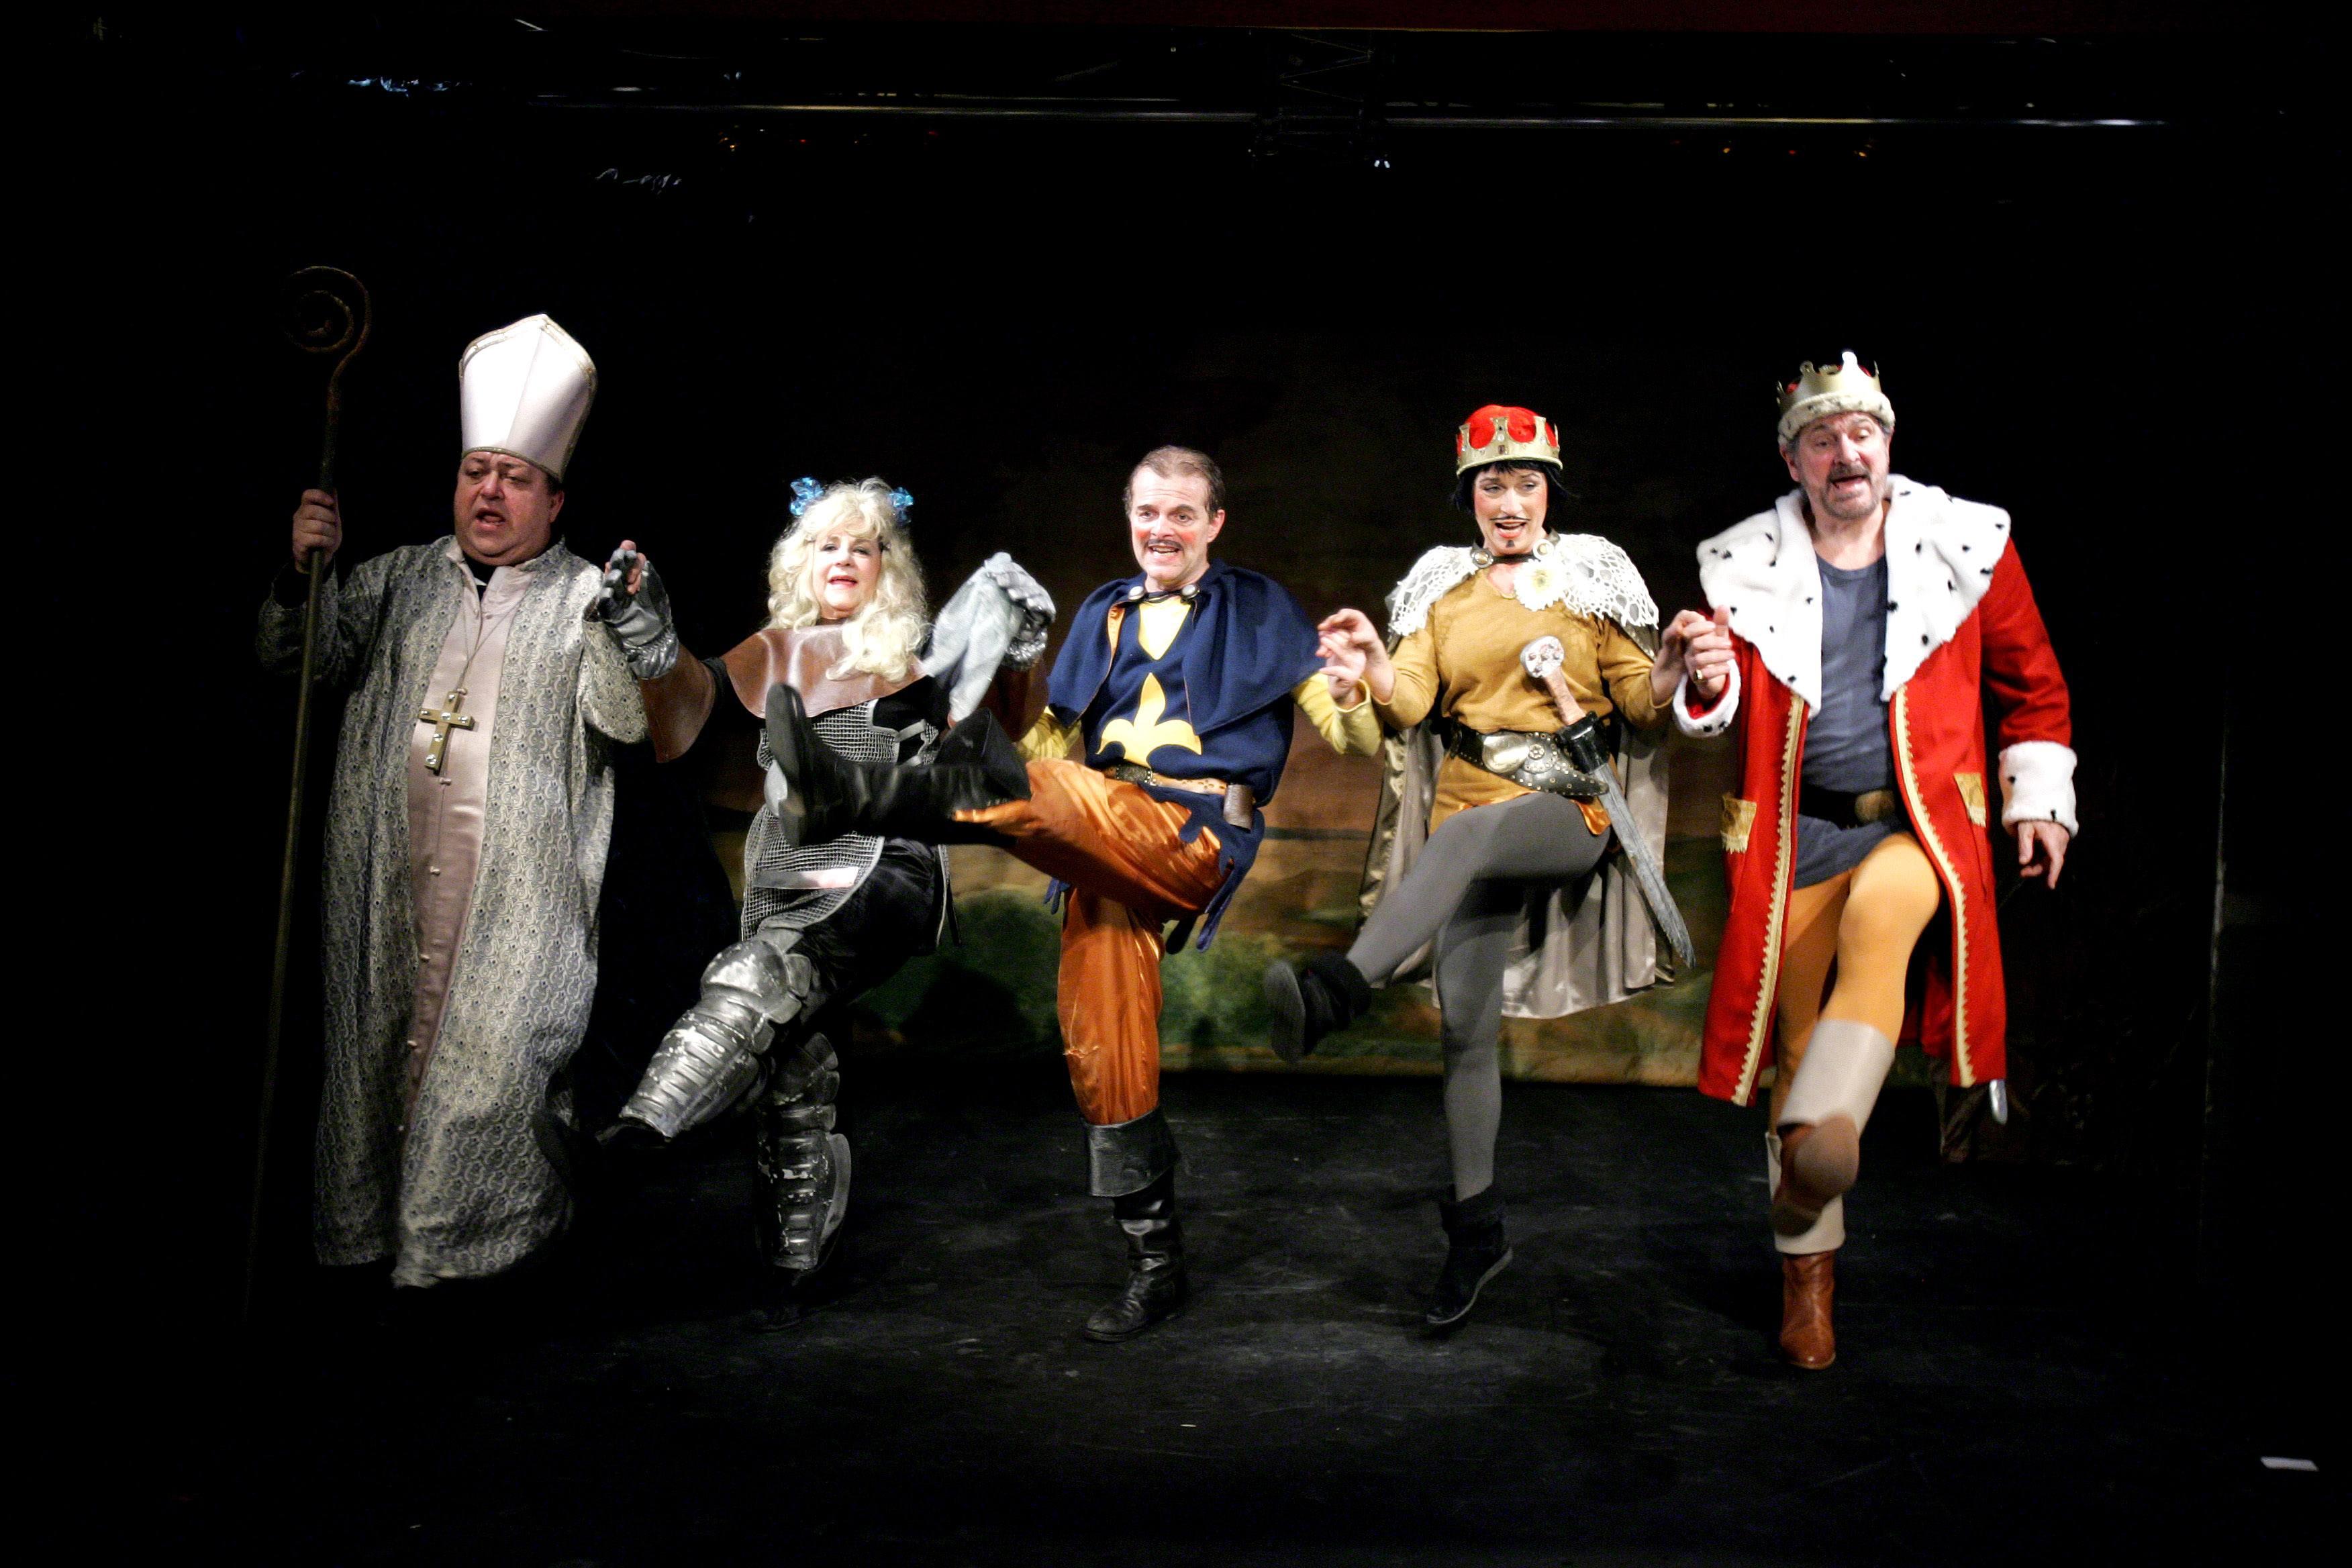 Anmeldelse: Svend, Knud og Valdemar (vol. 5), Vendsyssel Teater